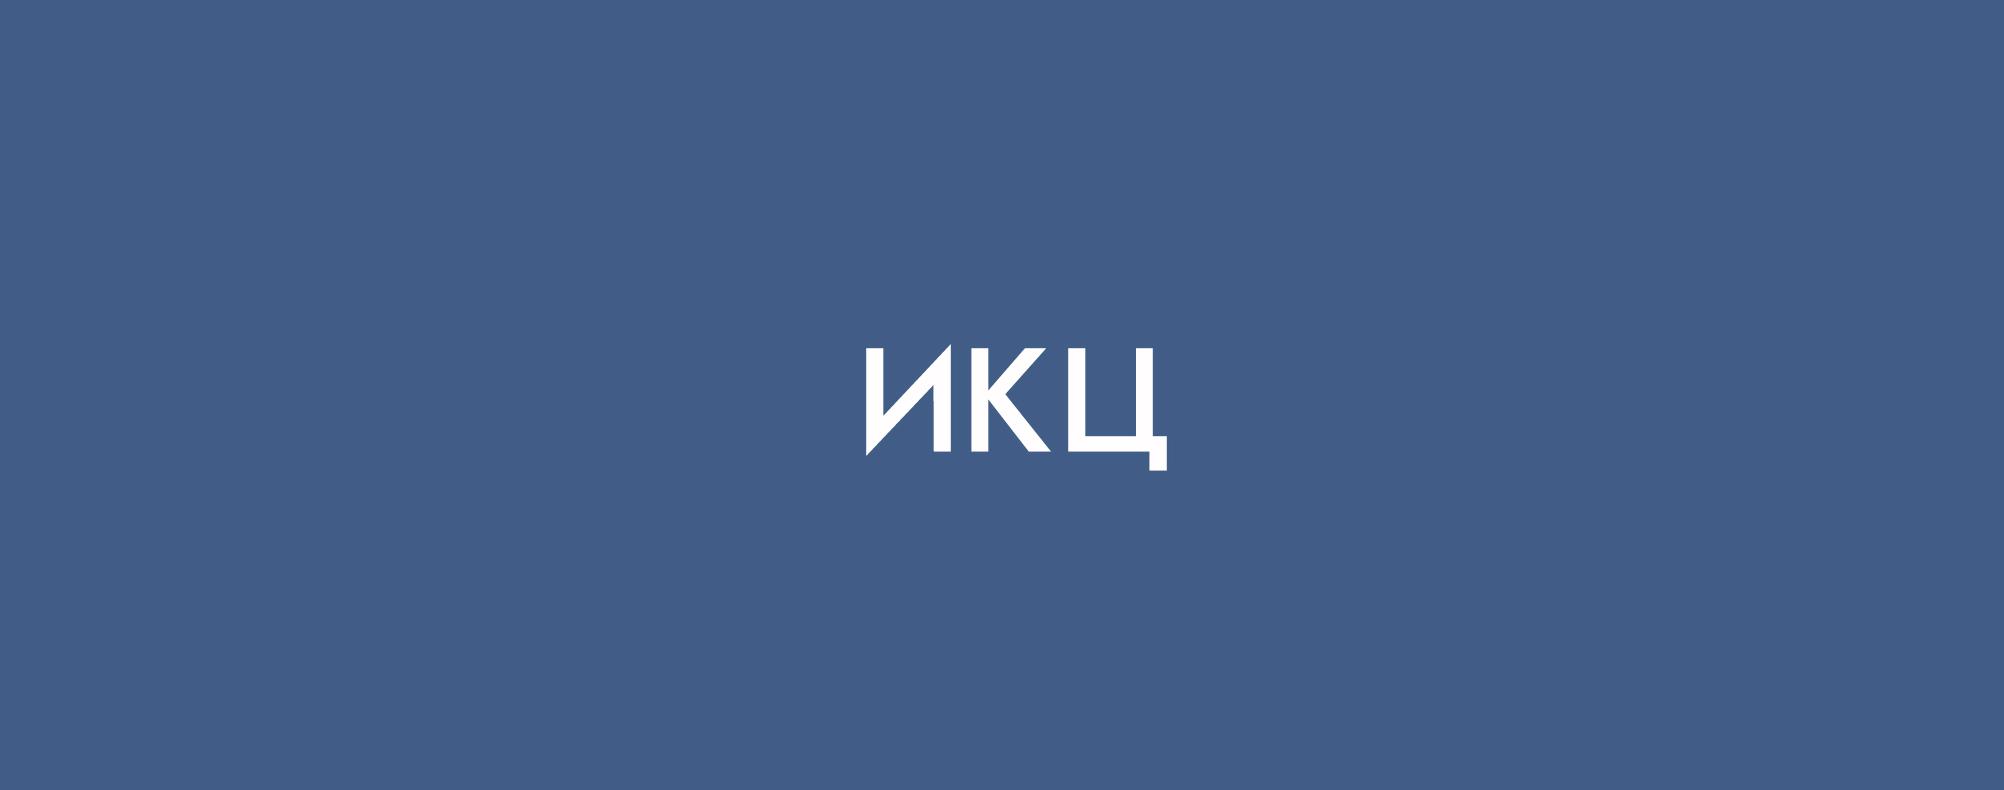 Инновационный Культурный Центр ИКЦ в Калуге